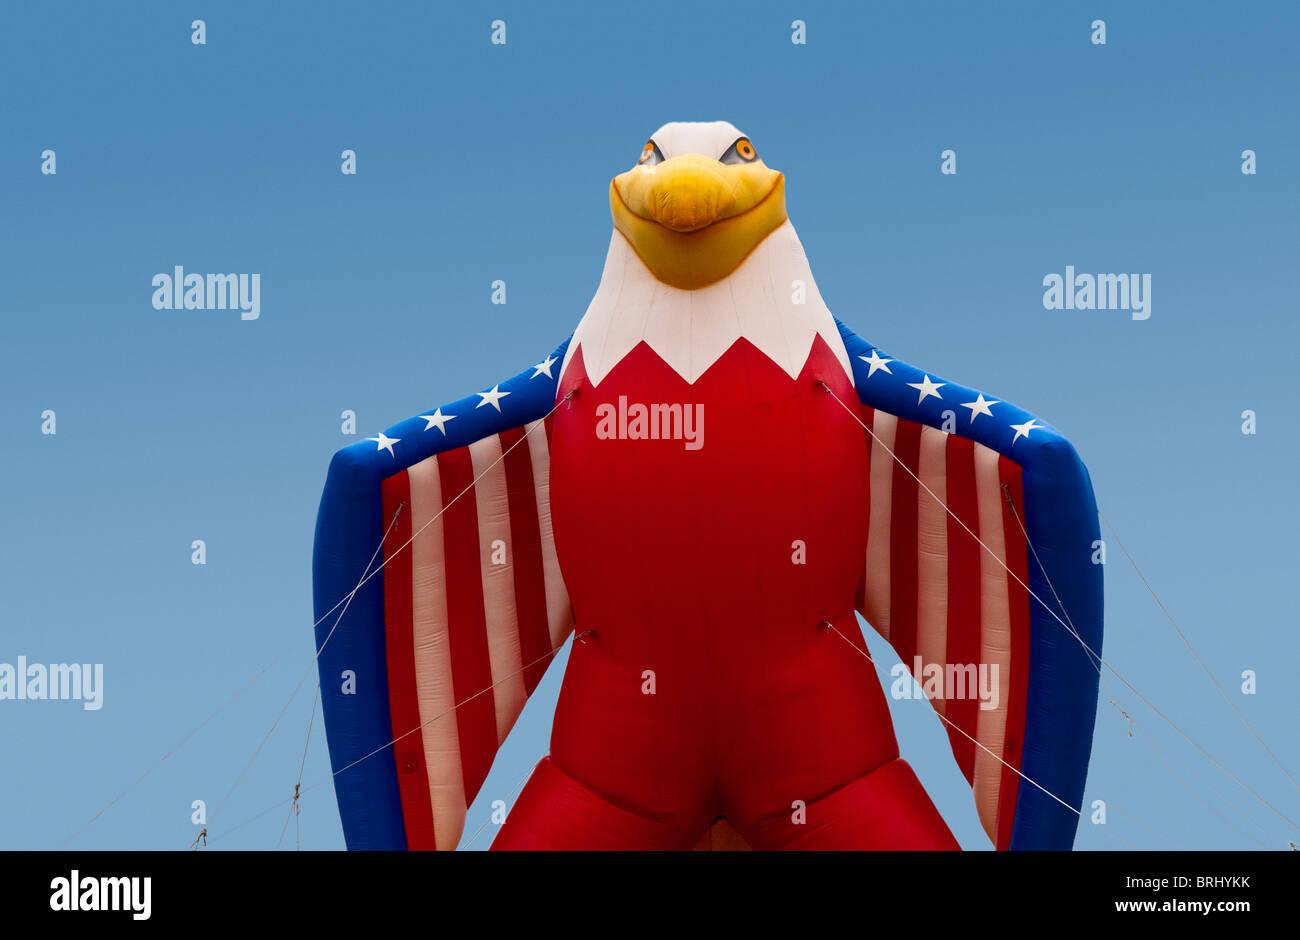 Giant inflatable helium Bald Eagle balloon on display, USA - Stock Image